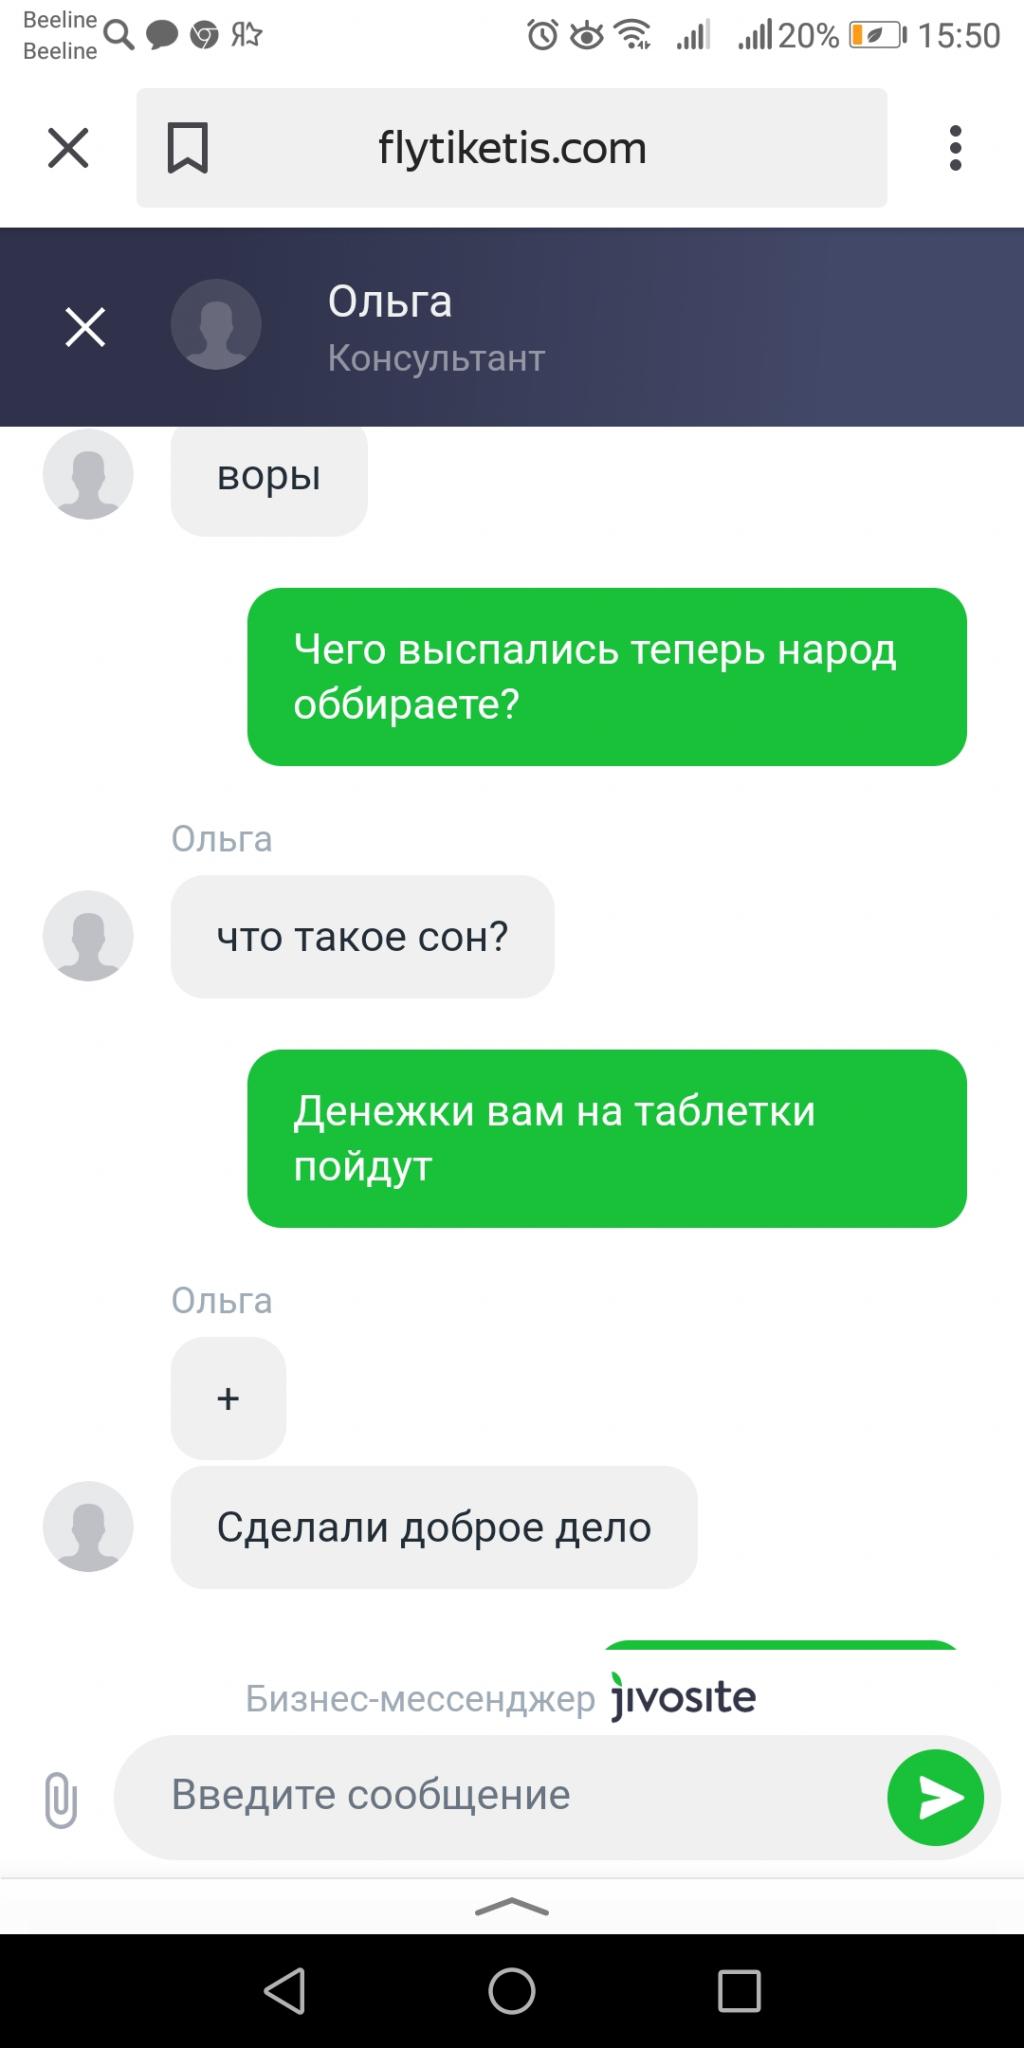 Aviasales.ru - Ребята не вздумайте суваться аферисты!